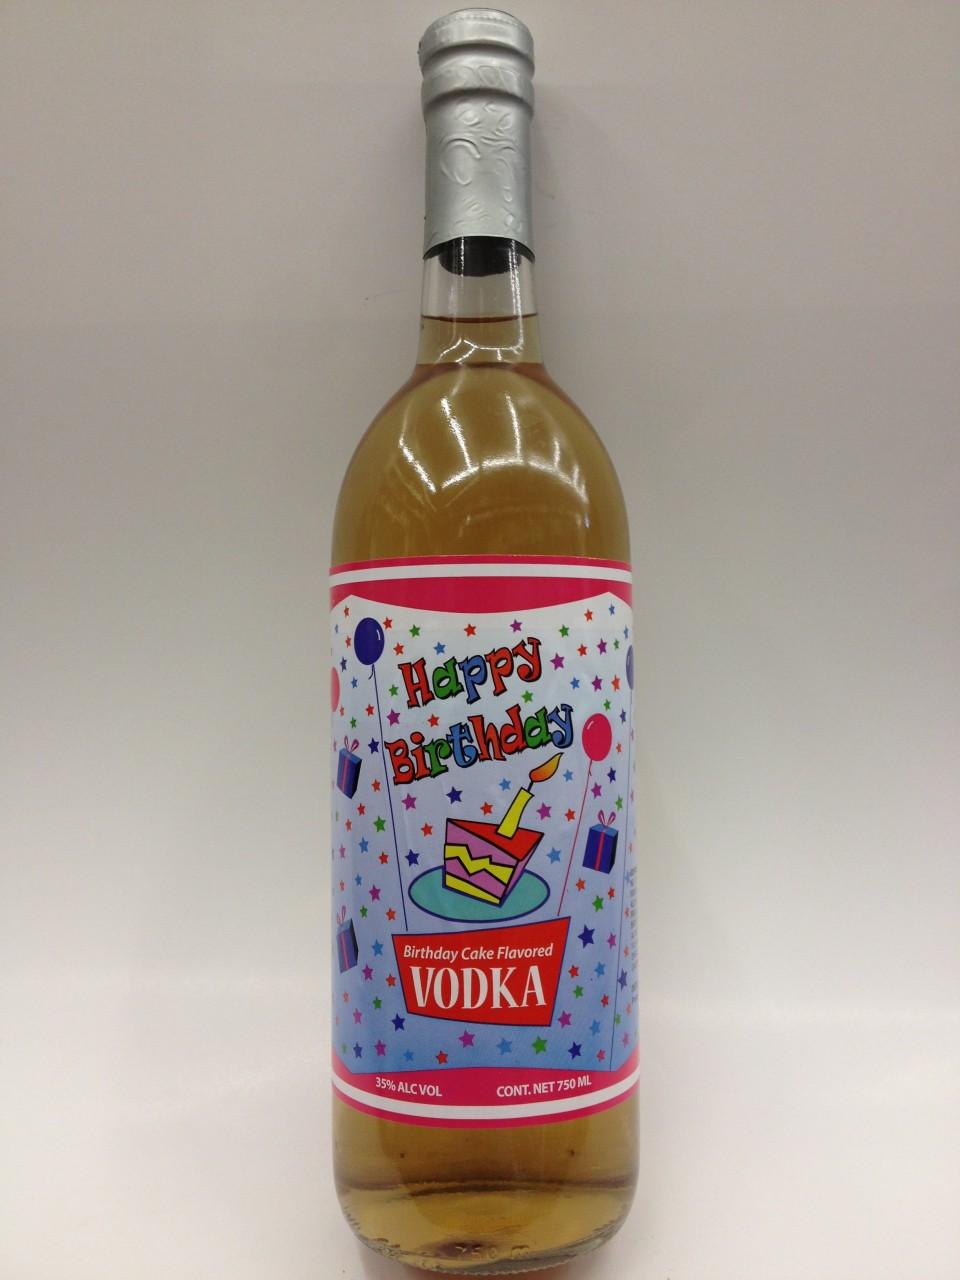 Happy Birthday Cake Vodka